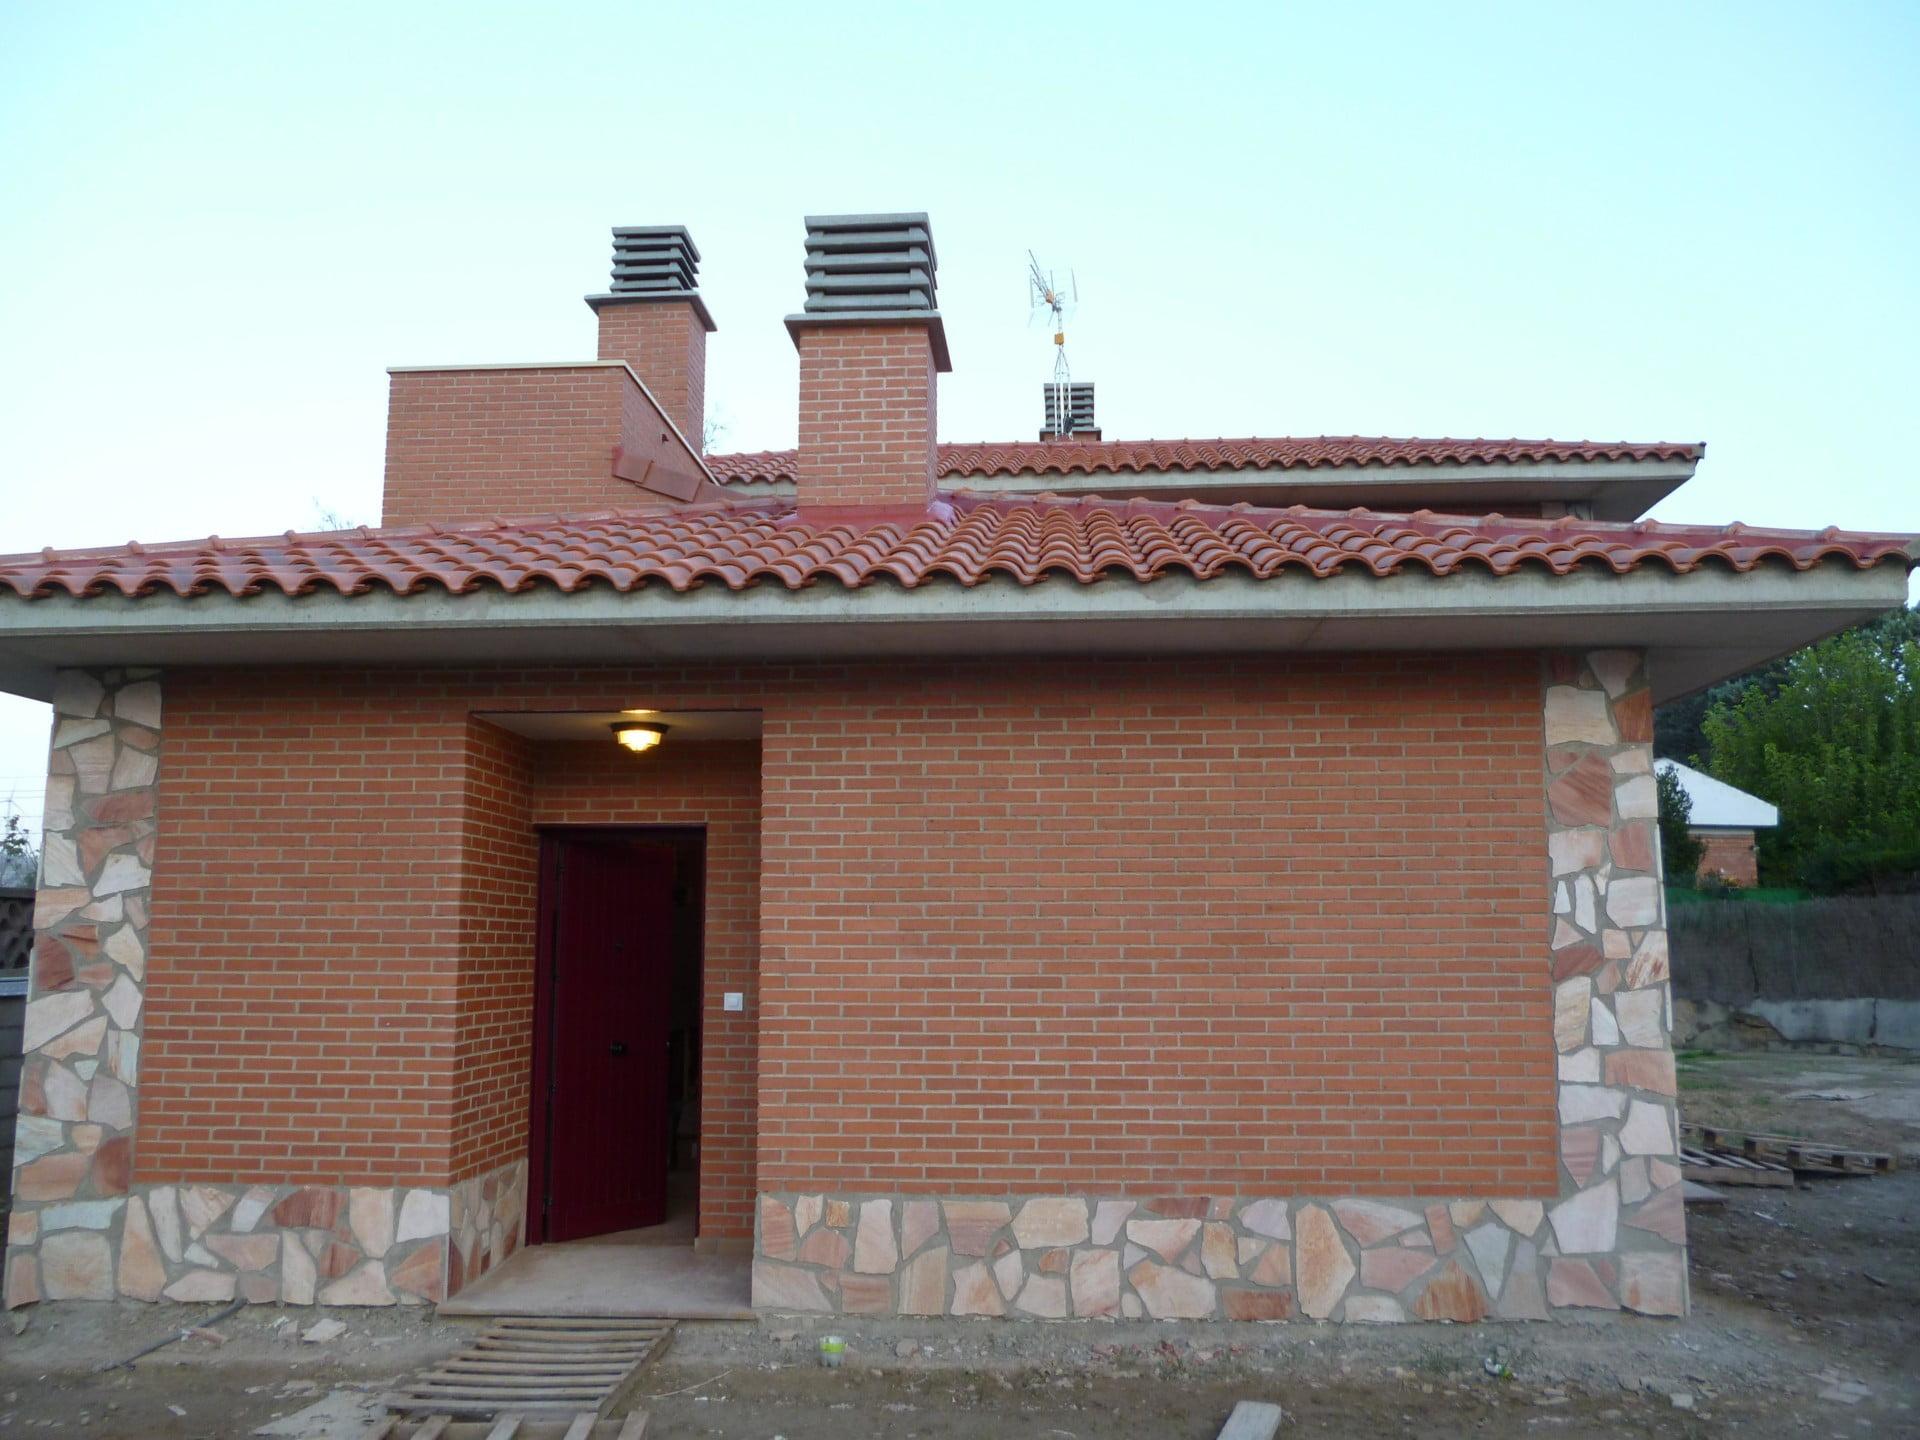 Construcci n vivienda unifamiliar en zaragoza actur3000 - Construccion zaragoza ...